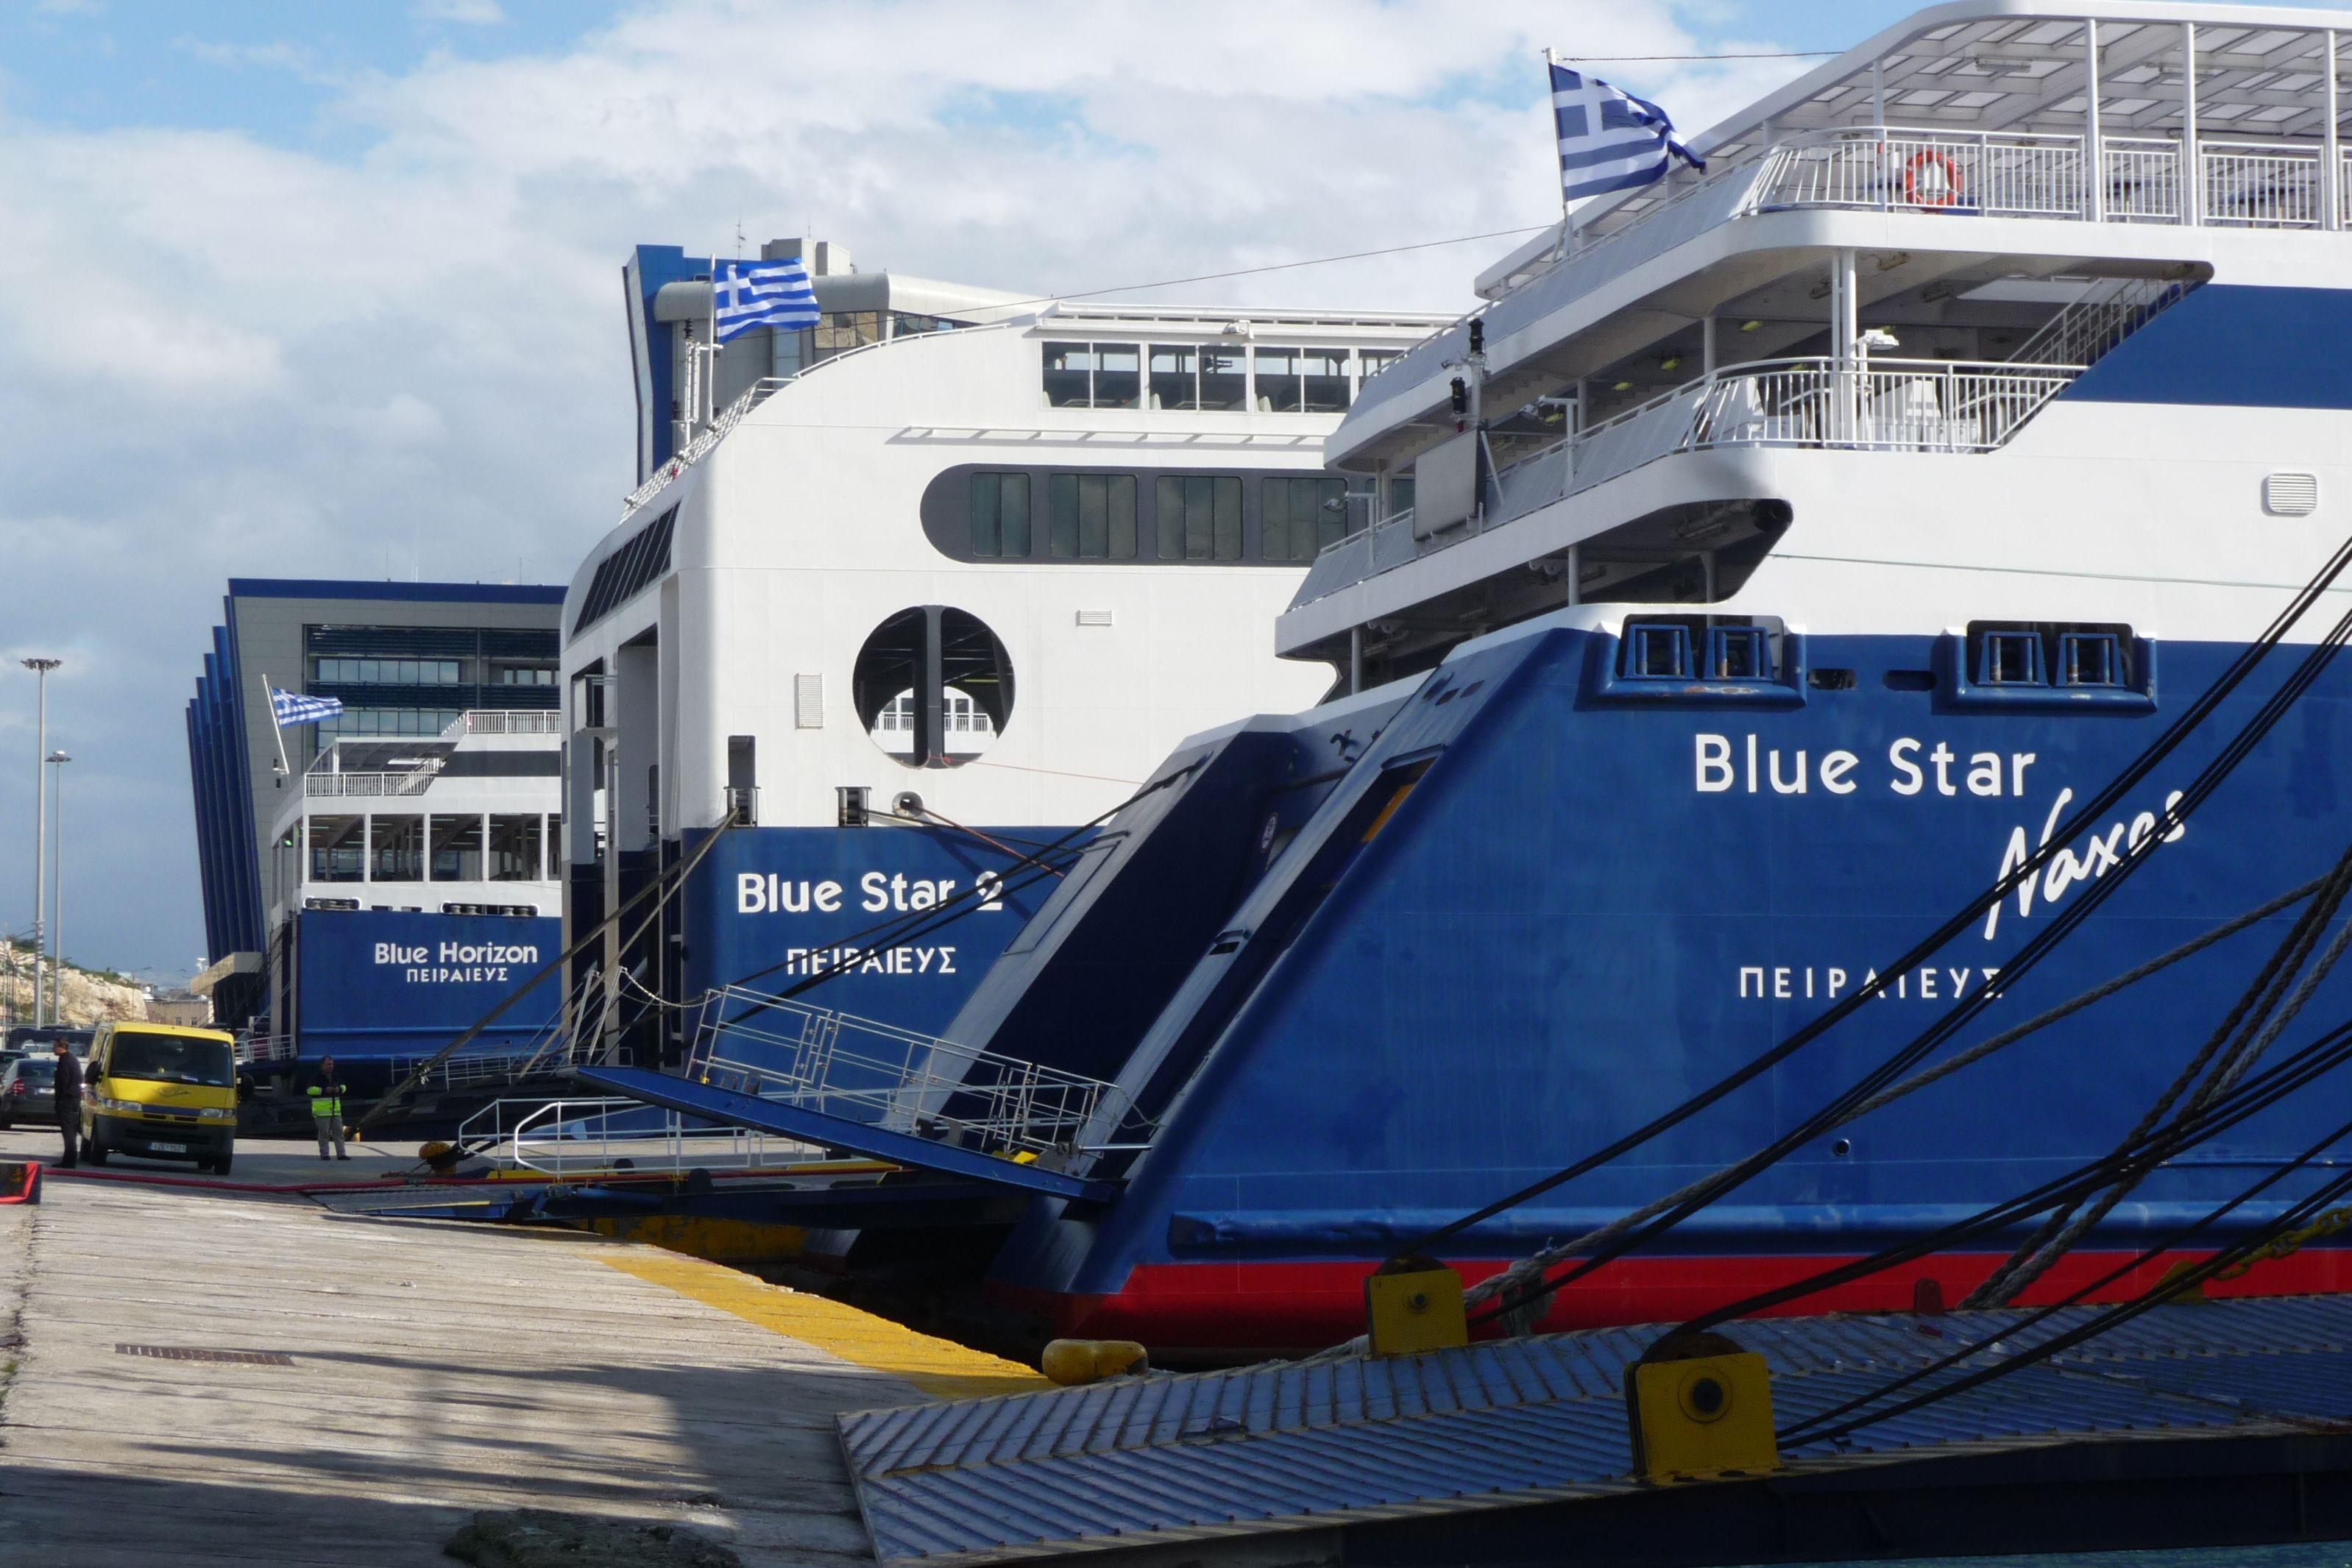 Ταλαιπωρία για τους επιβάτες του «Blue Star Horizon»